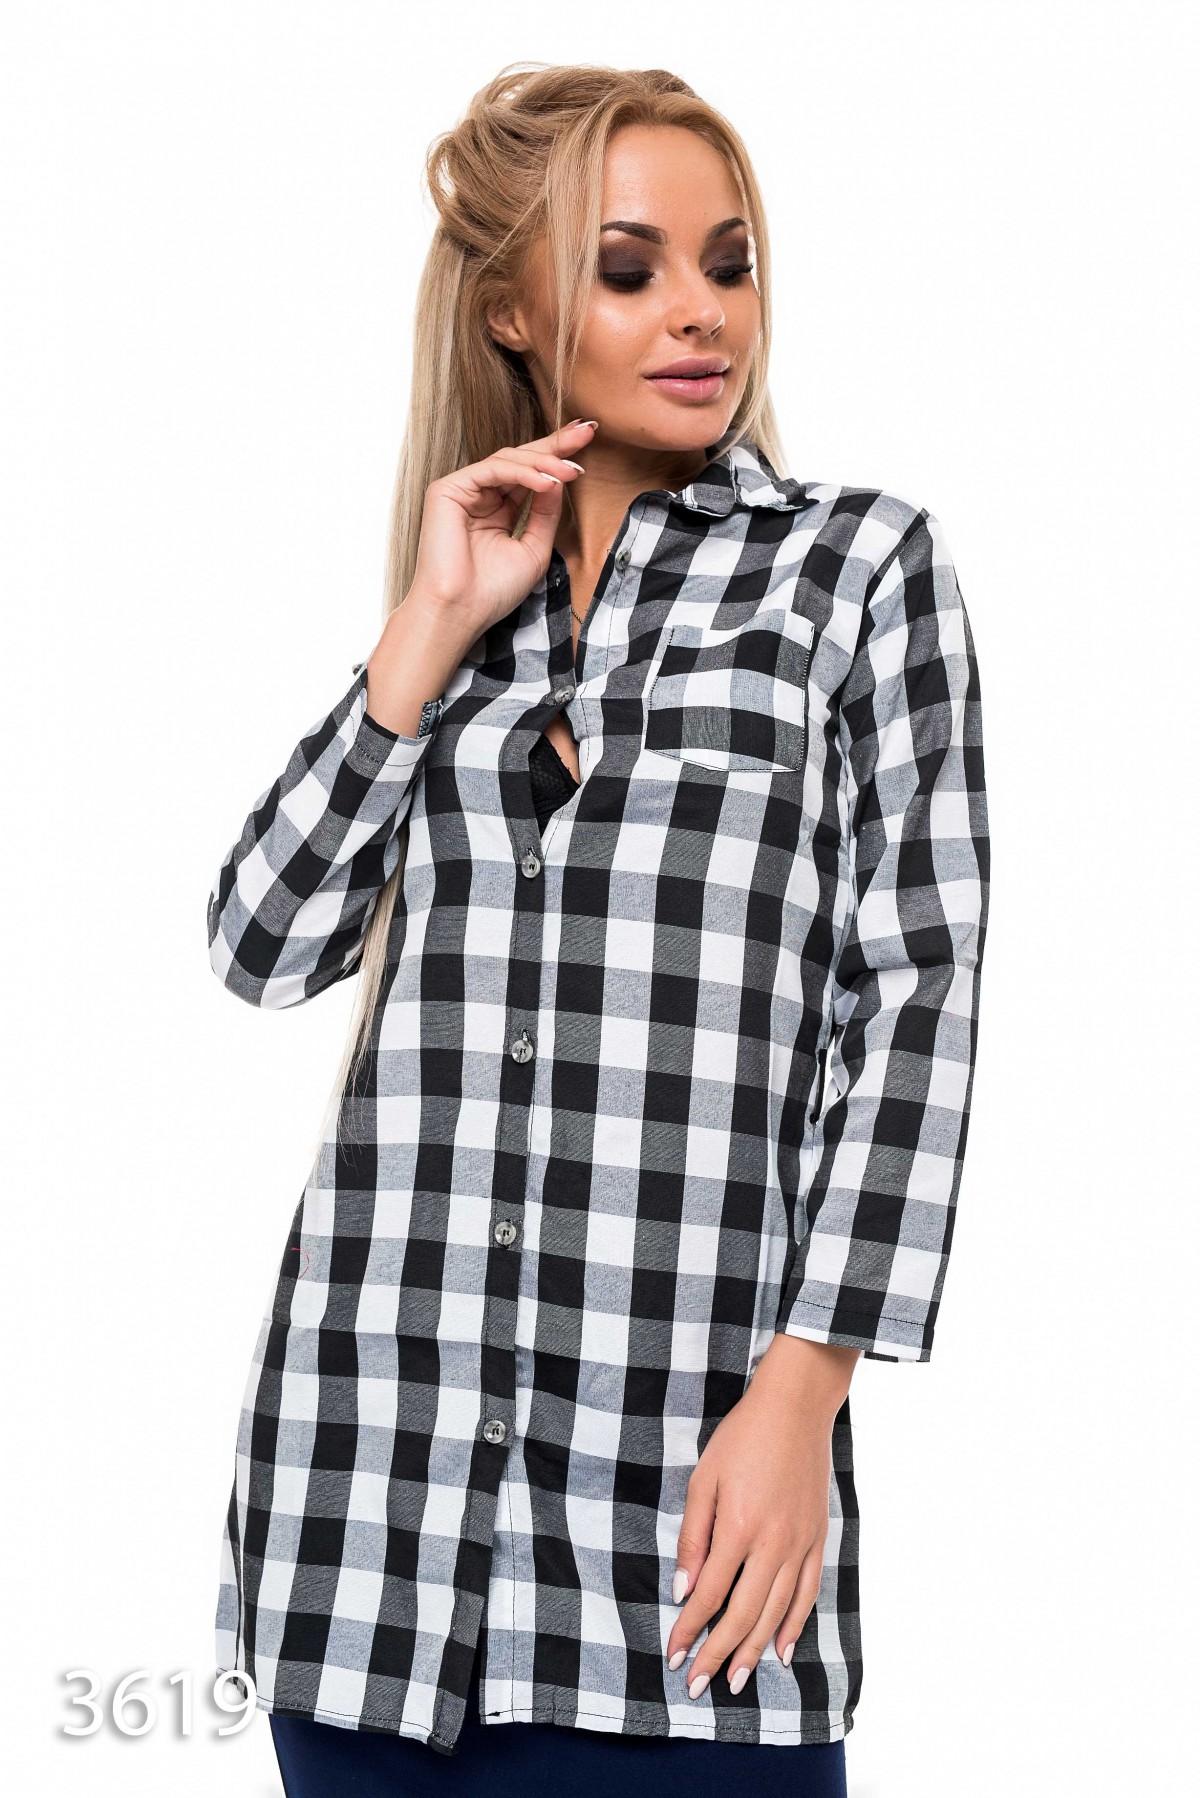 9cd03ed2fcb Женская удлиненная приталенная рубашка в крупную черную и белую клетку  144  грн. фото 2 ...